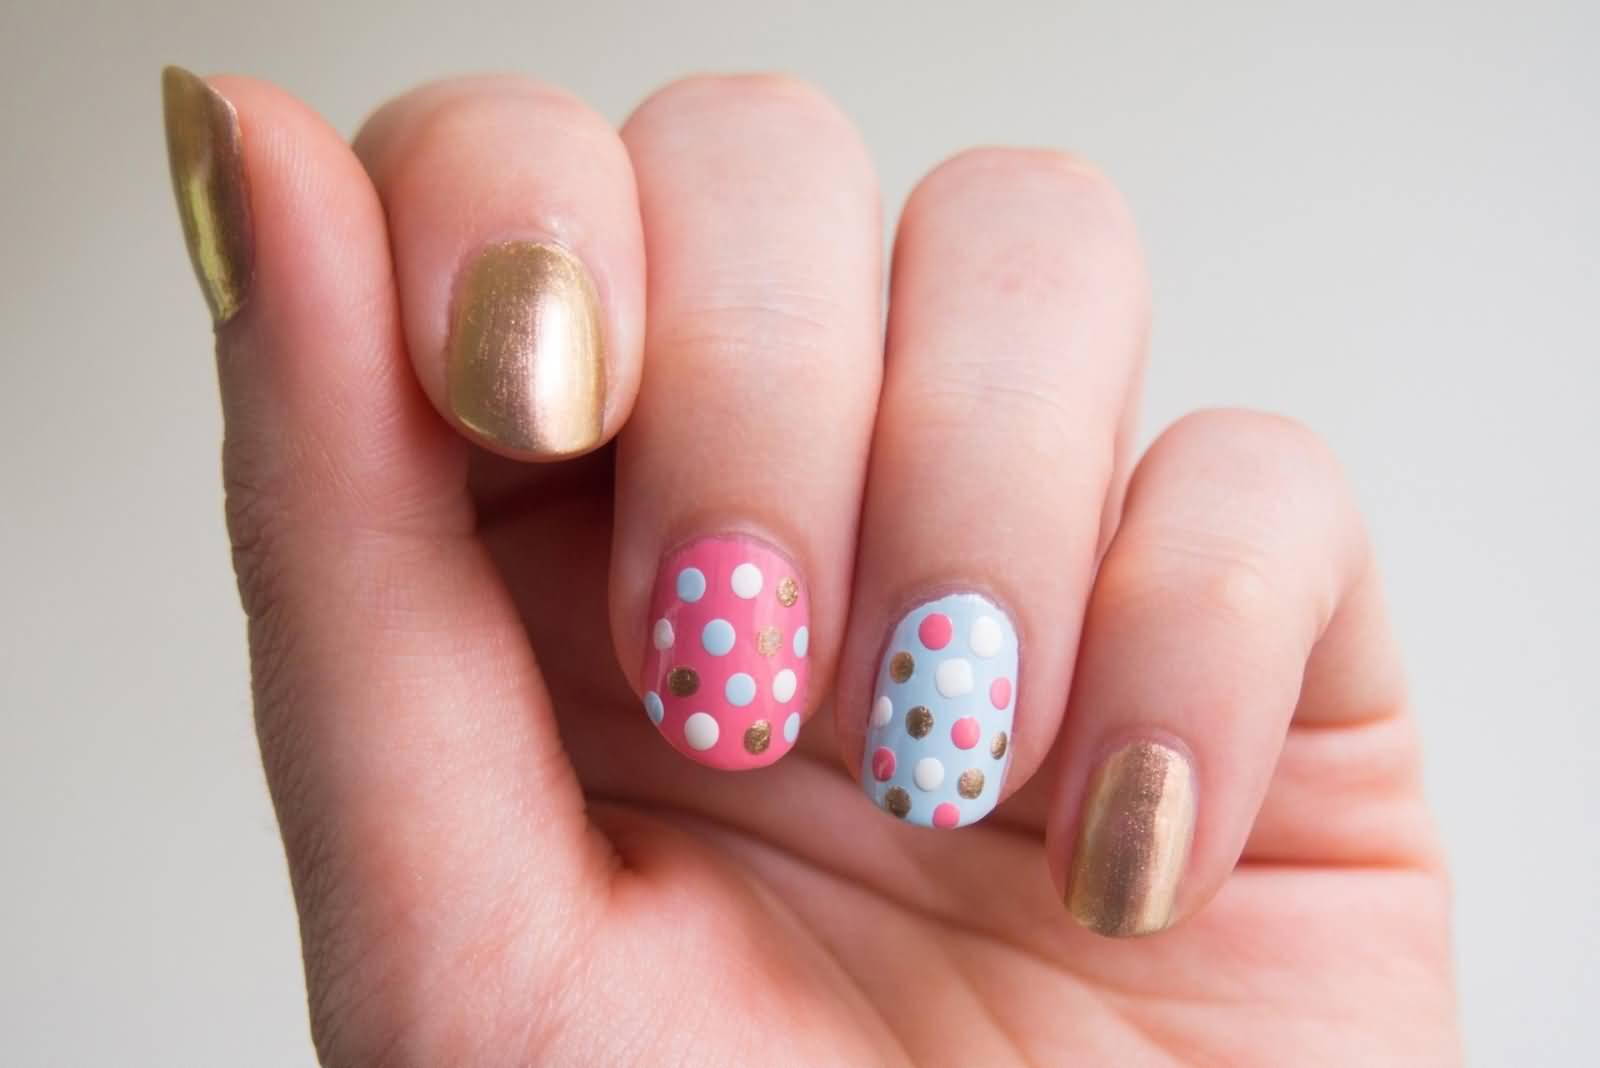 Beautiful Polka Dots Nail Design Idea For Short Nails